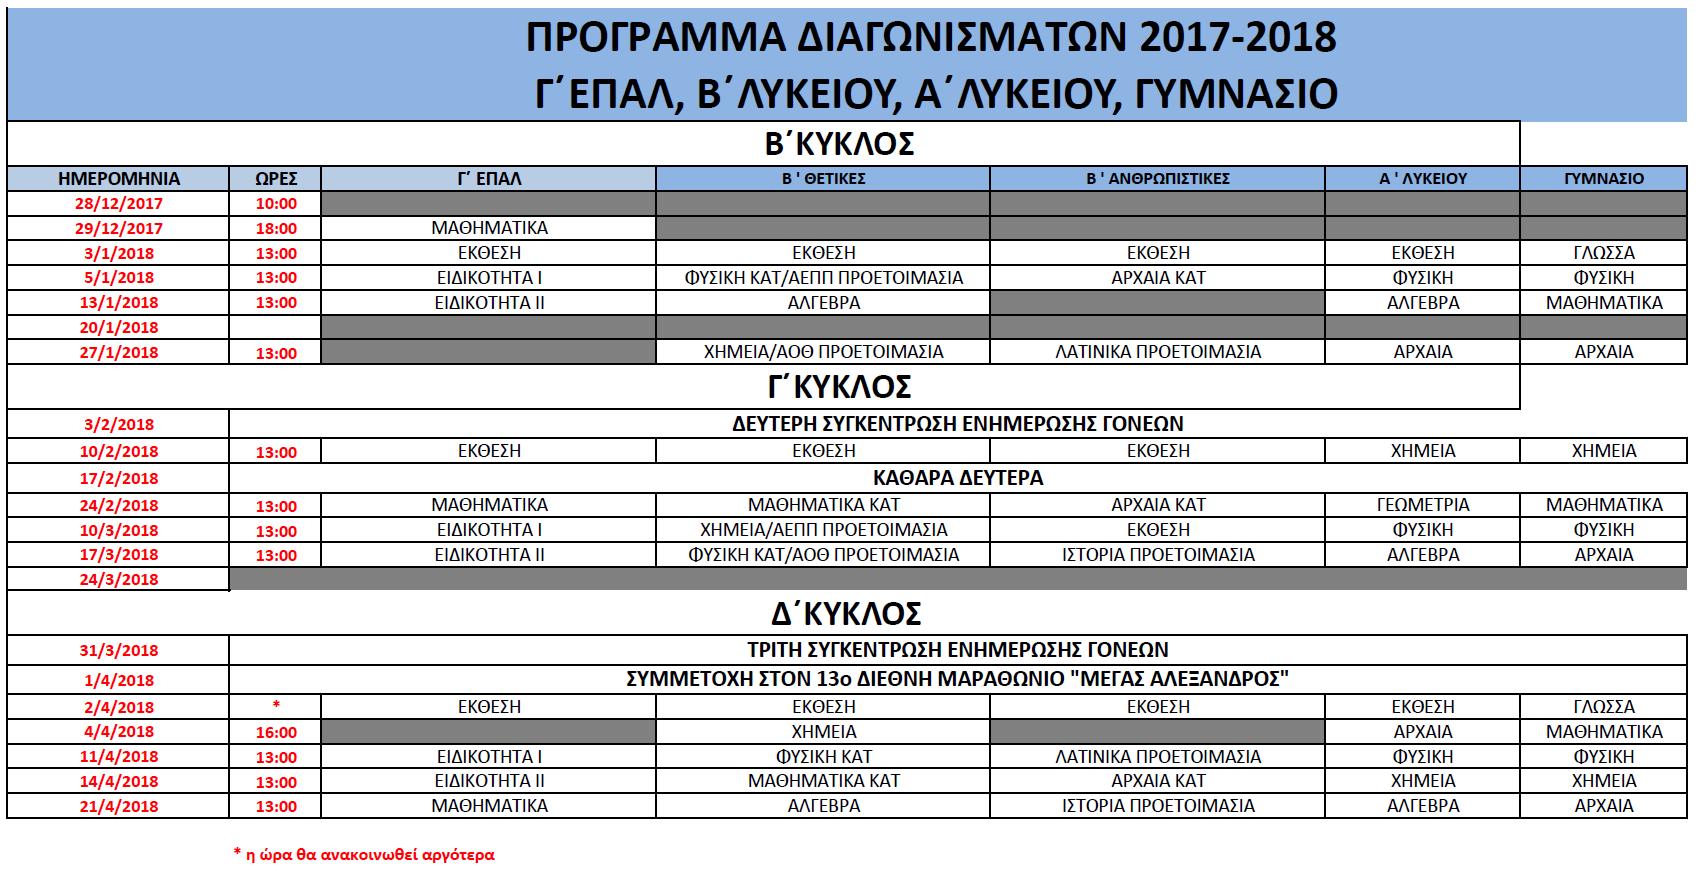 Πρόγραμμα Διαγωνισμάτων Αμπελοκήπων 1